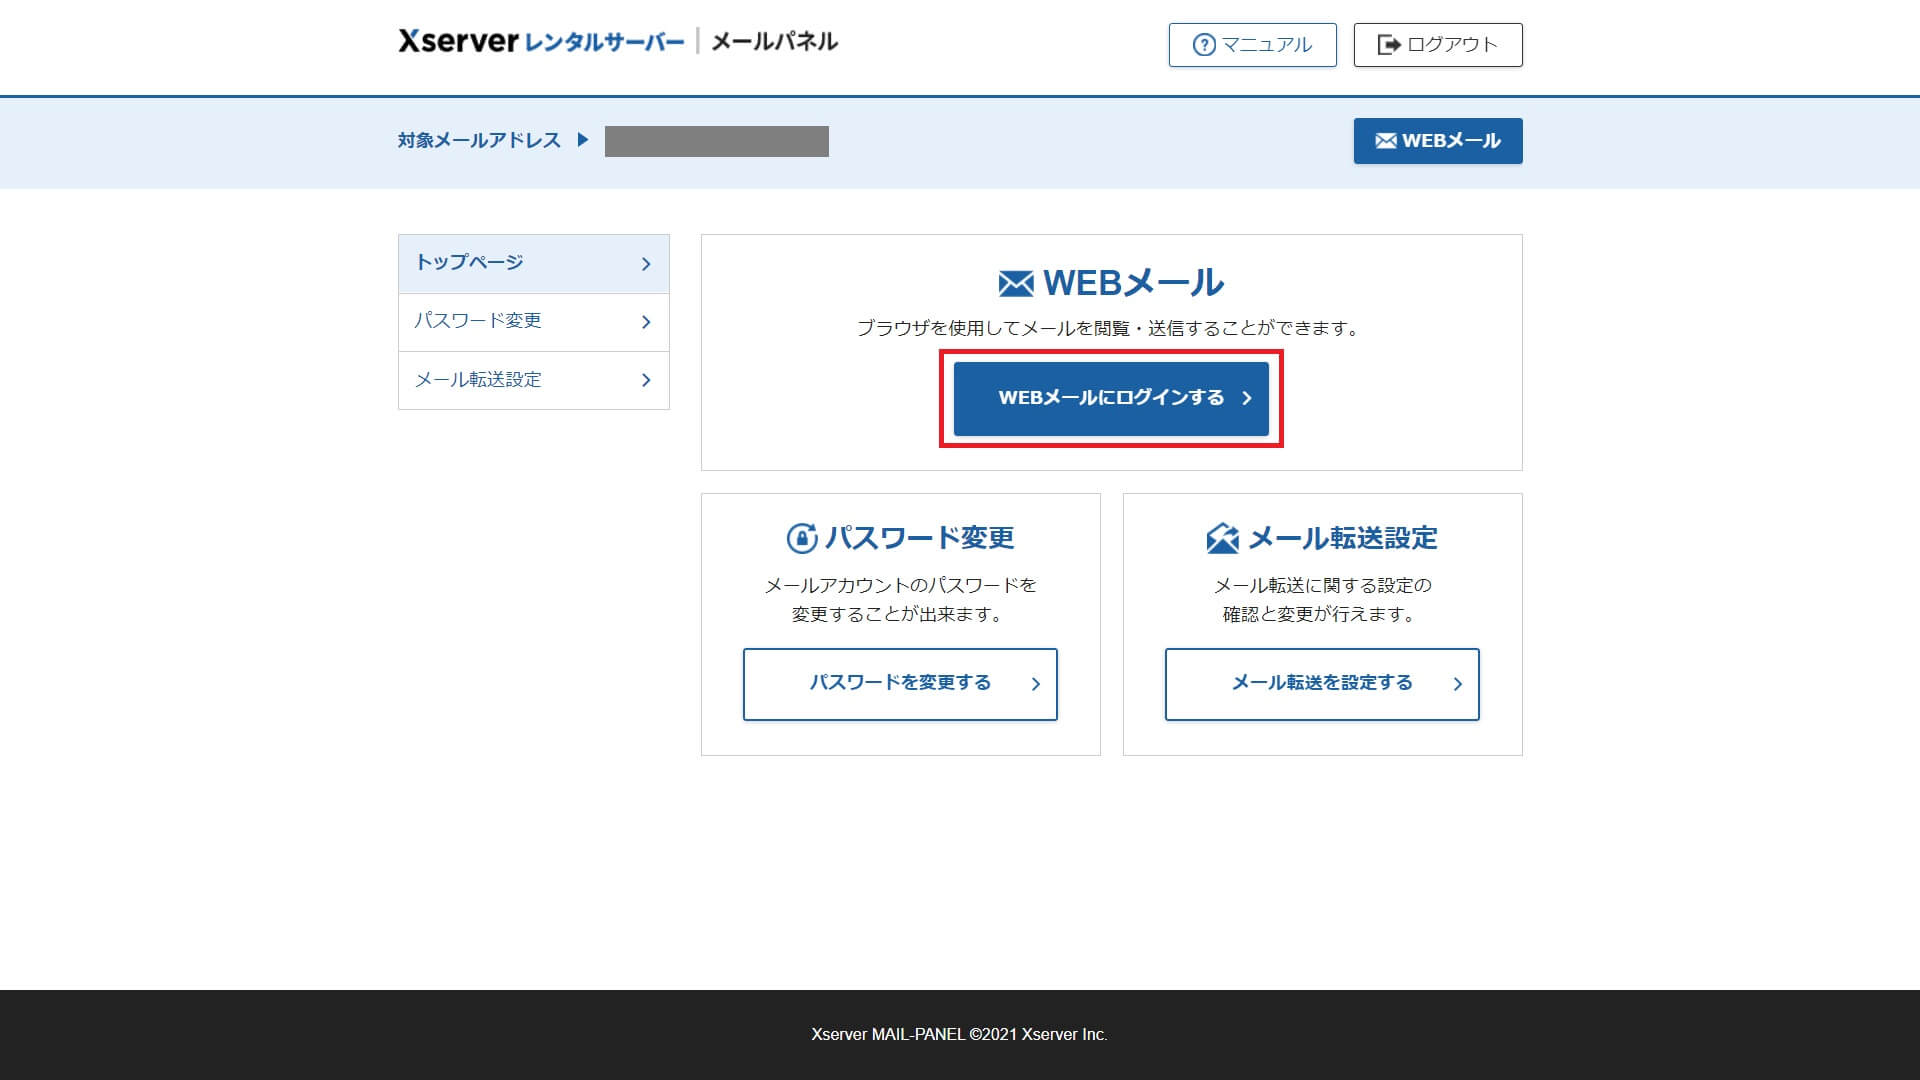 エックスサーバーサーバーパネル-WEBメール-ログイン